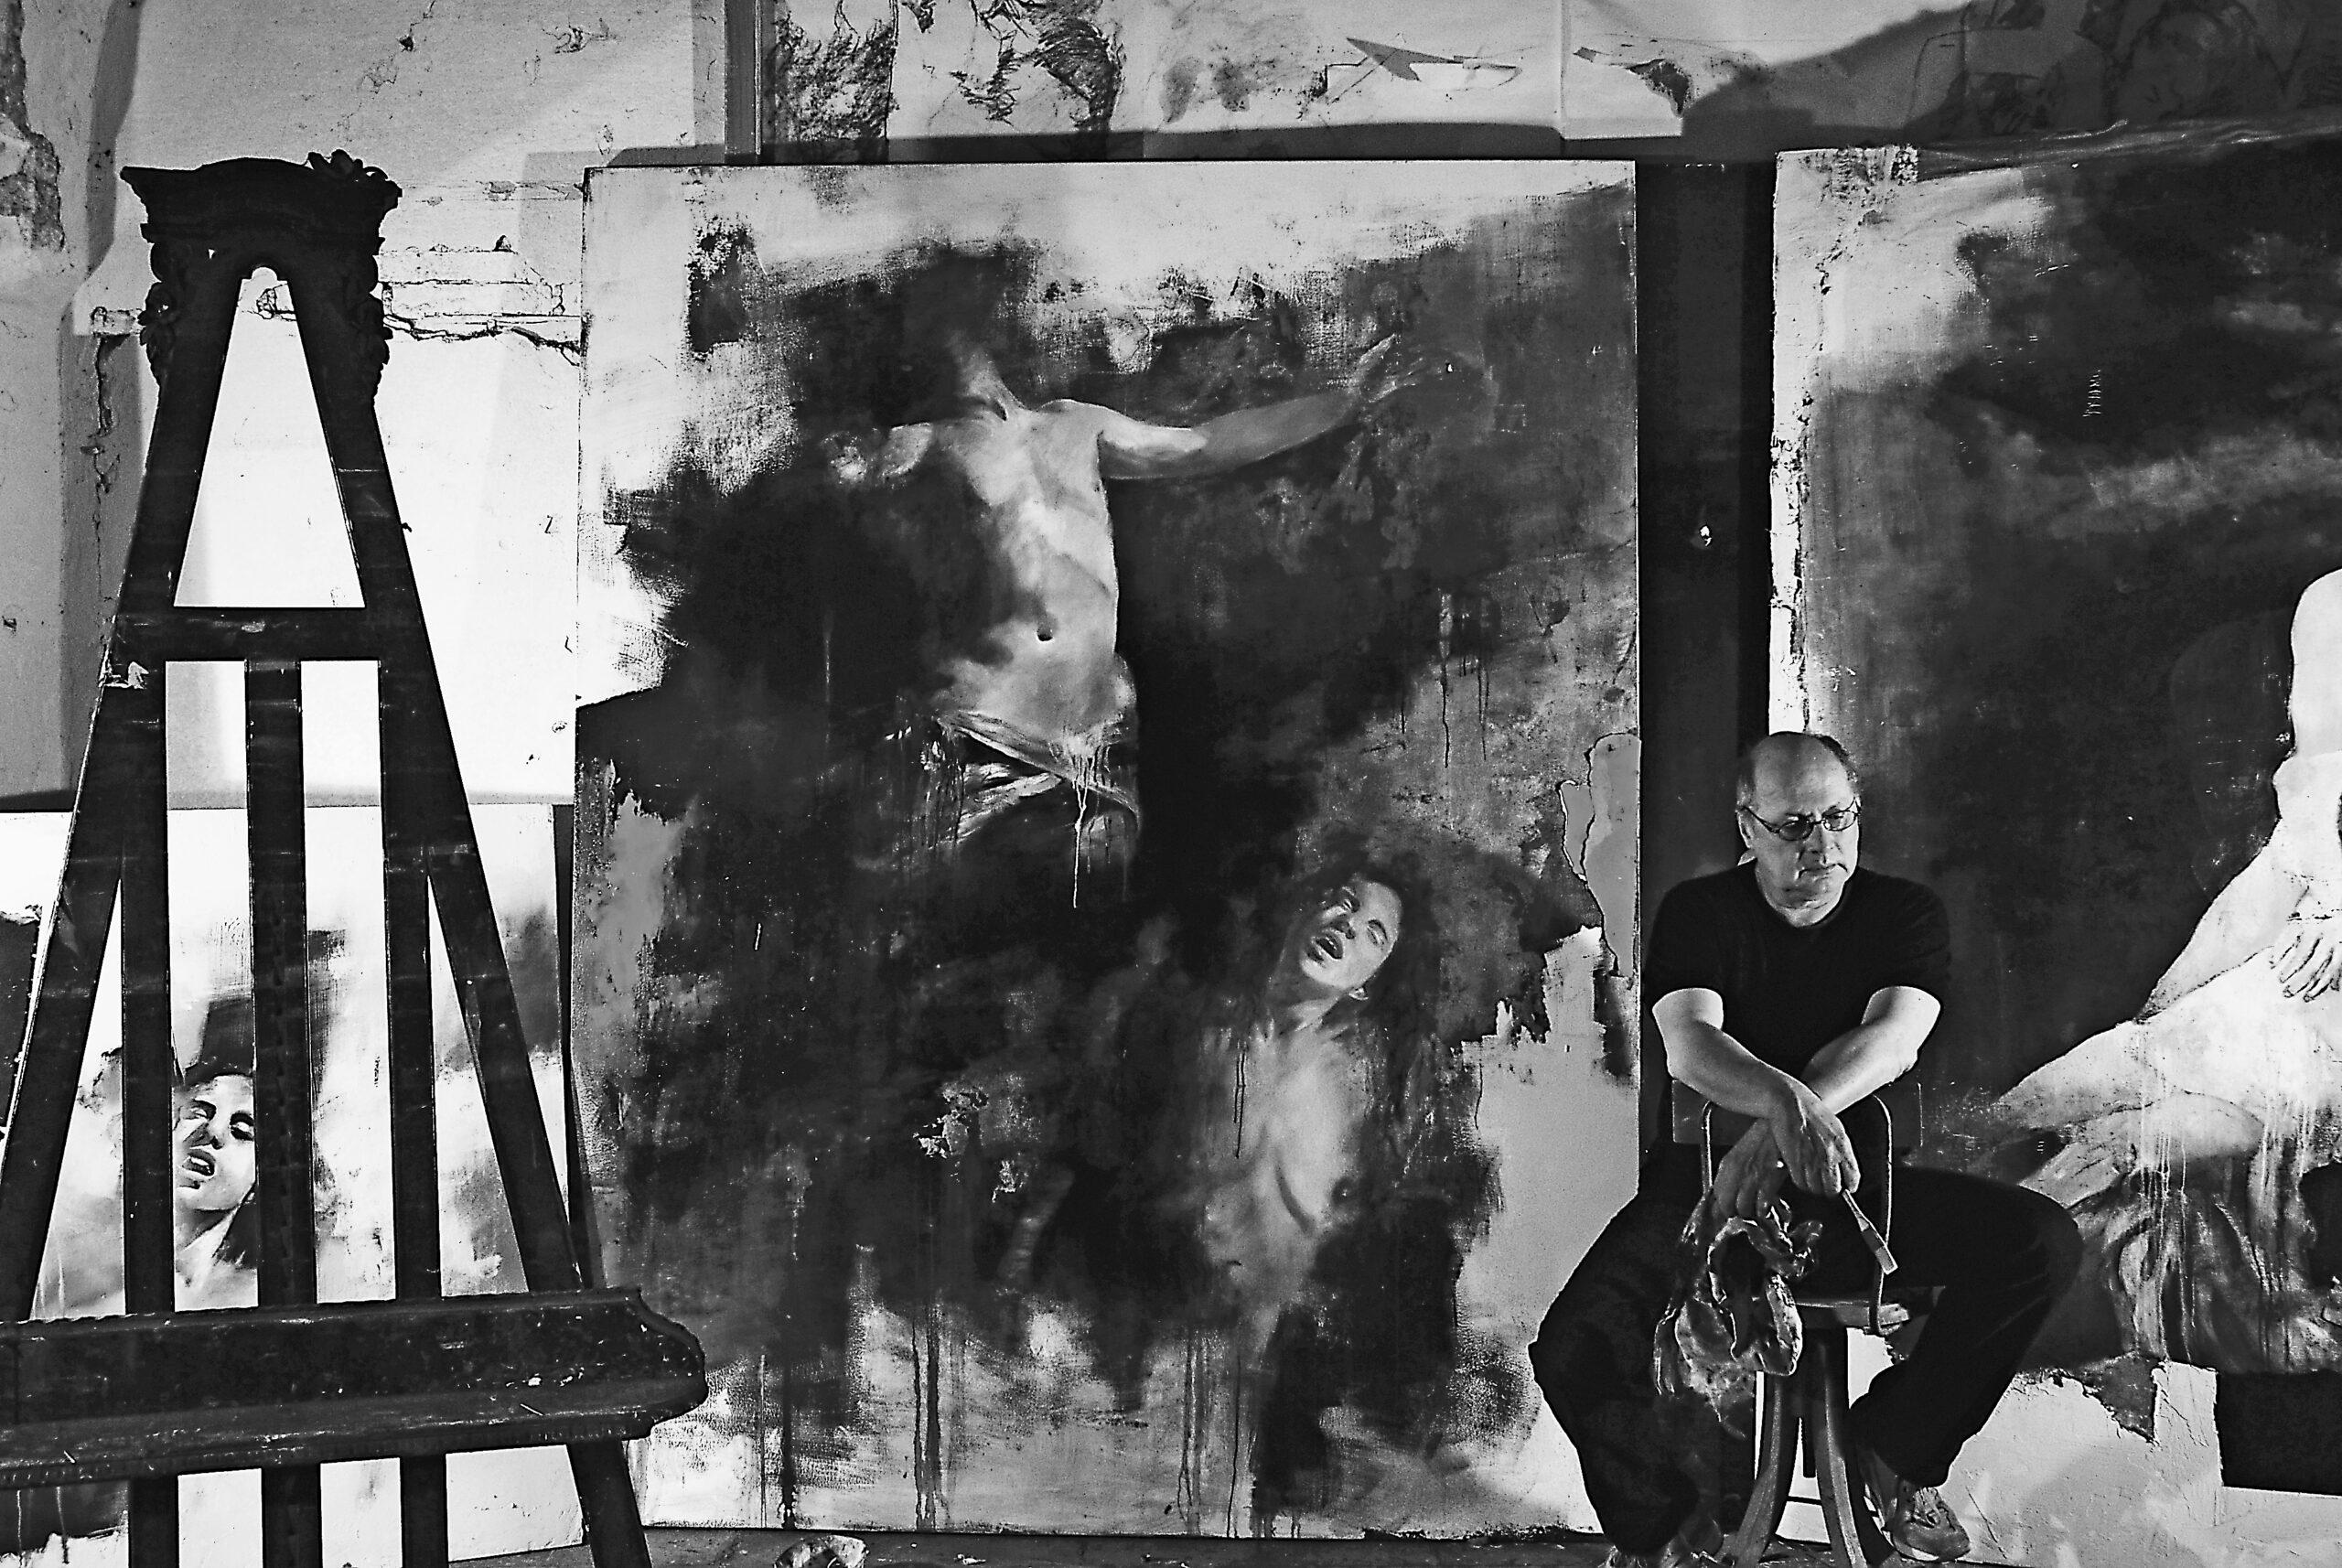 Ulisse e Prometeo. Il viaggio mediterraneo di Lorenzo Fonda in mostra a Pechino